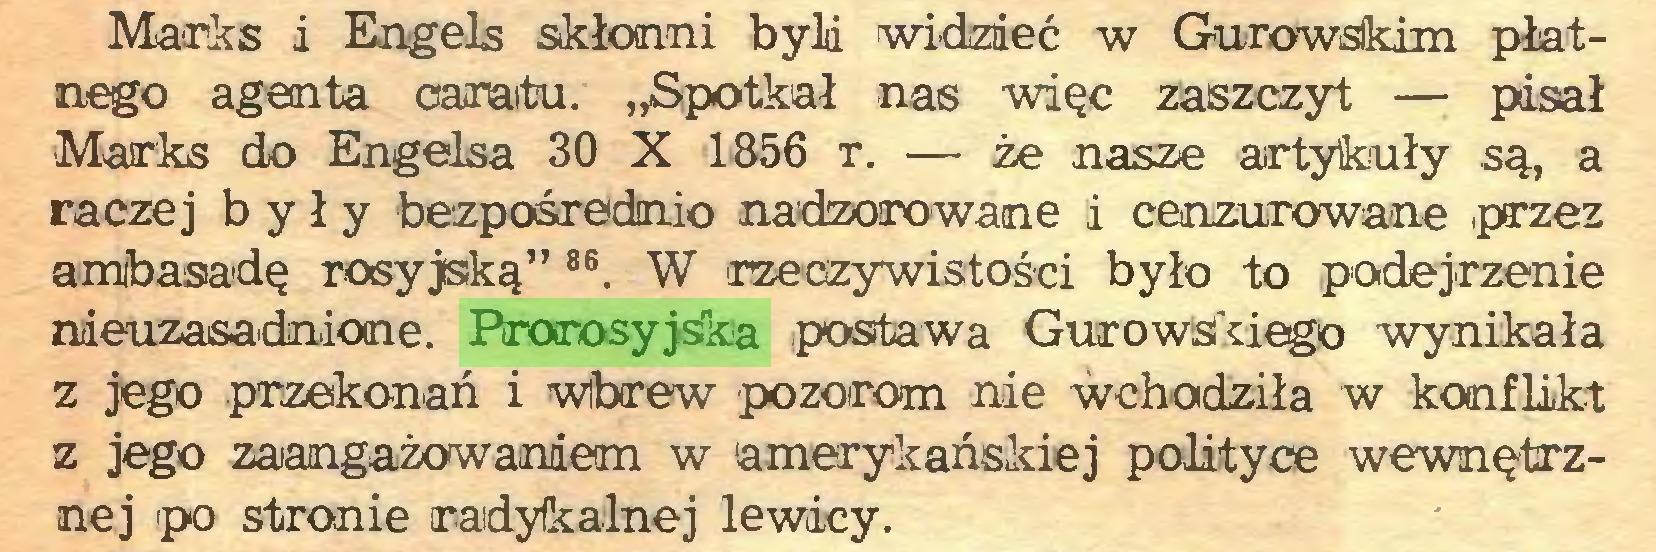 """(...) Marks i Engels skłonni była widzieć w Gurowskim płatnego agenta caratu. """"Spotkał nas więc zaszczyt — pisał ■Marks do Engelsa 30 X 1856 r. — że nasze artykuły są, a raczej były bezpośrednio nadzorowane i cenzurowane ,przez ambasadę rosyjską"""" 86. W rzeczywistości było to podejrzenie nieuzasadnione. Pirorosyjska postawa Gurowski ego wynikała z jego przekonań i Wbrew pozorom nie wchodziła w konflikt z jego zaangażowaniem w amerykańskiej polityce wewnętrznej po stronie radykalnej lewicy..."""